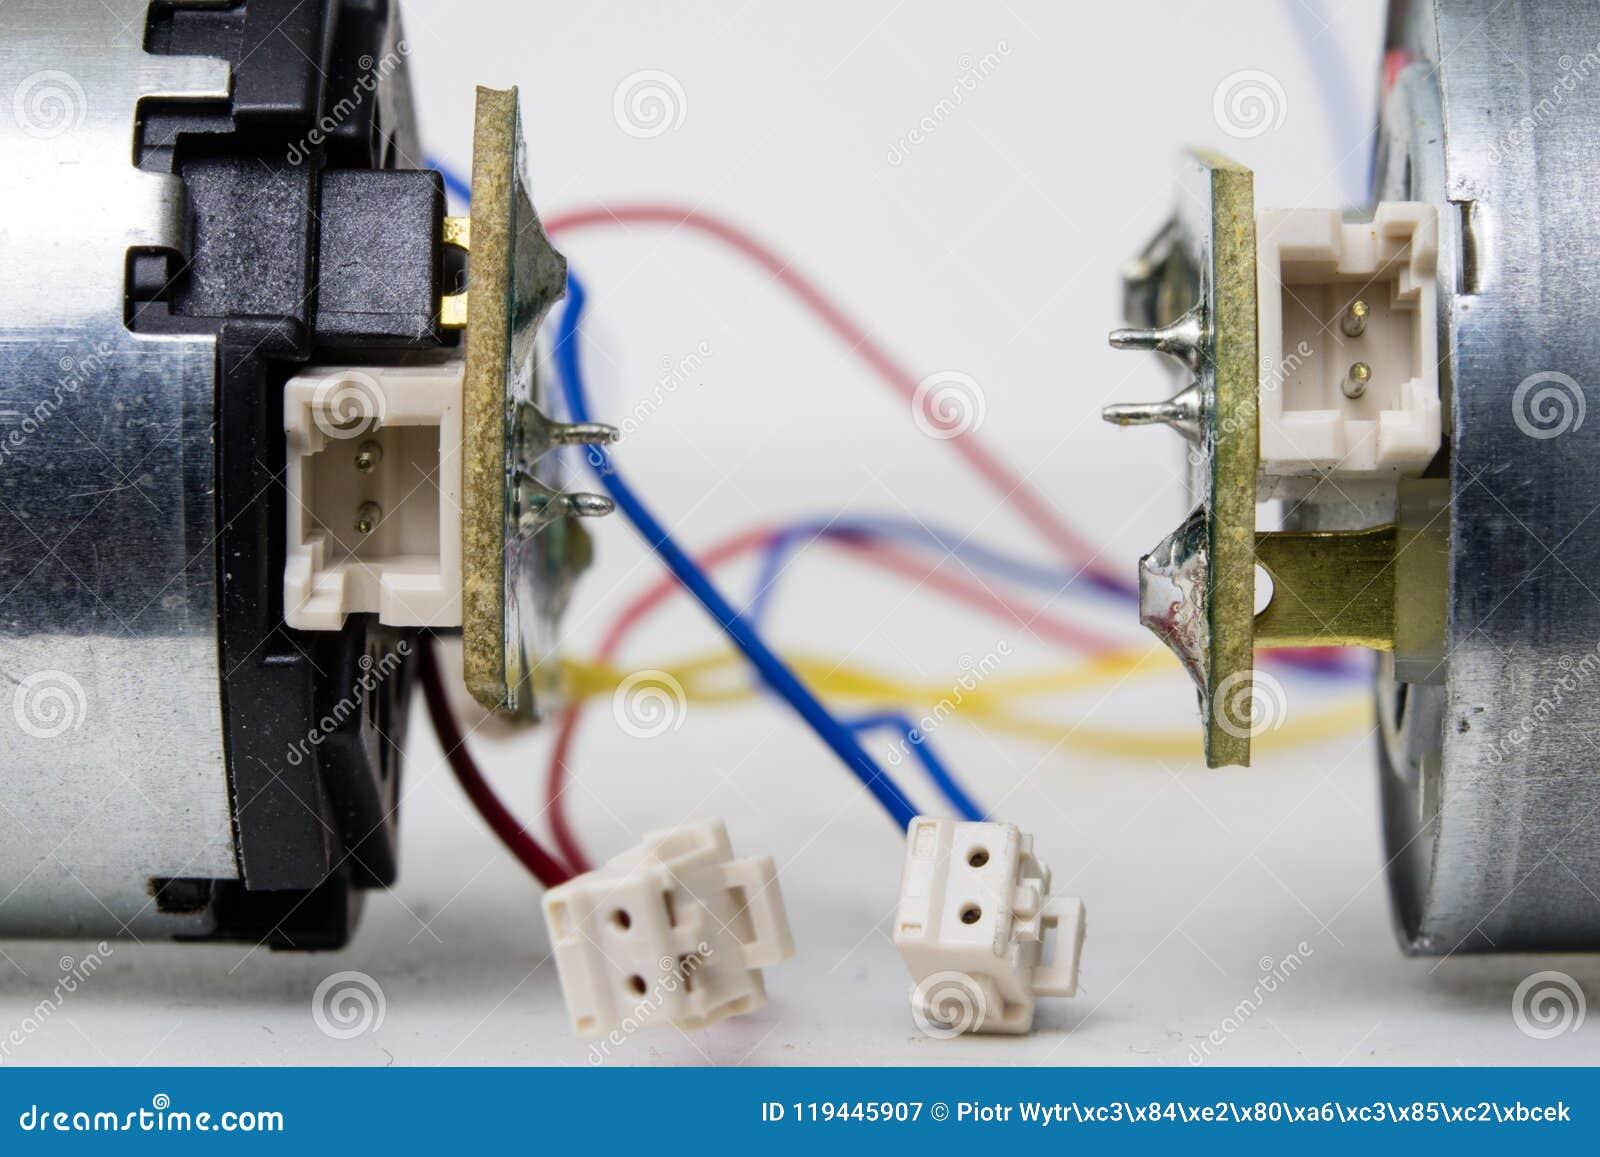 Motor bonde pequeno em uma tabela branca da oficina Movimentação elétrica u